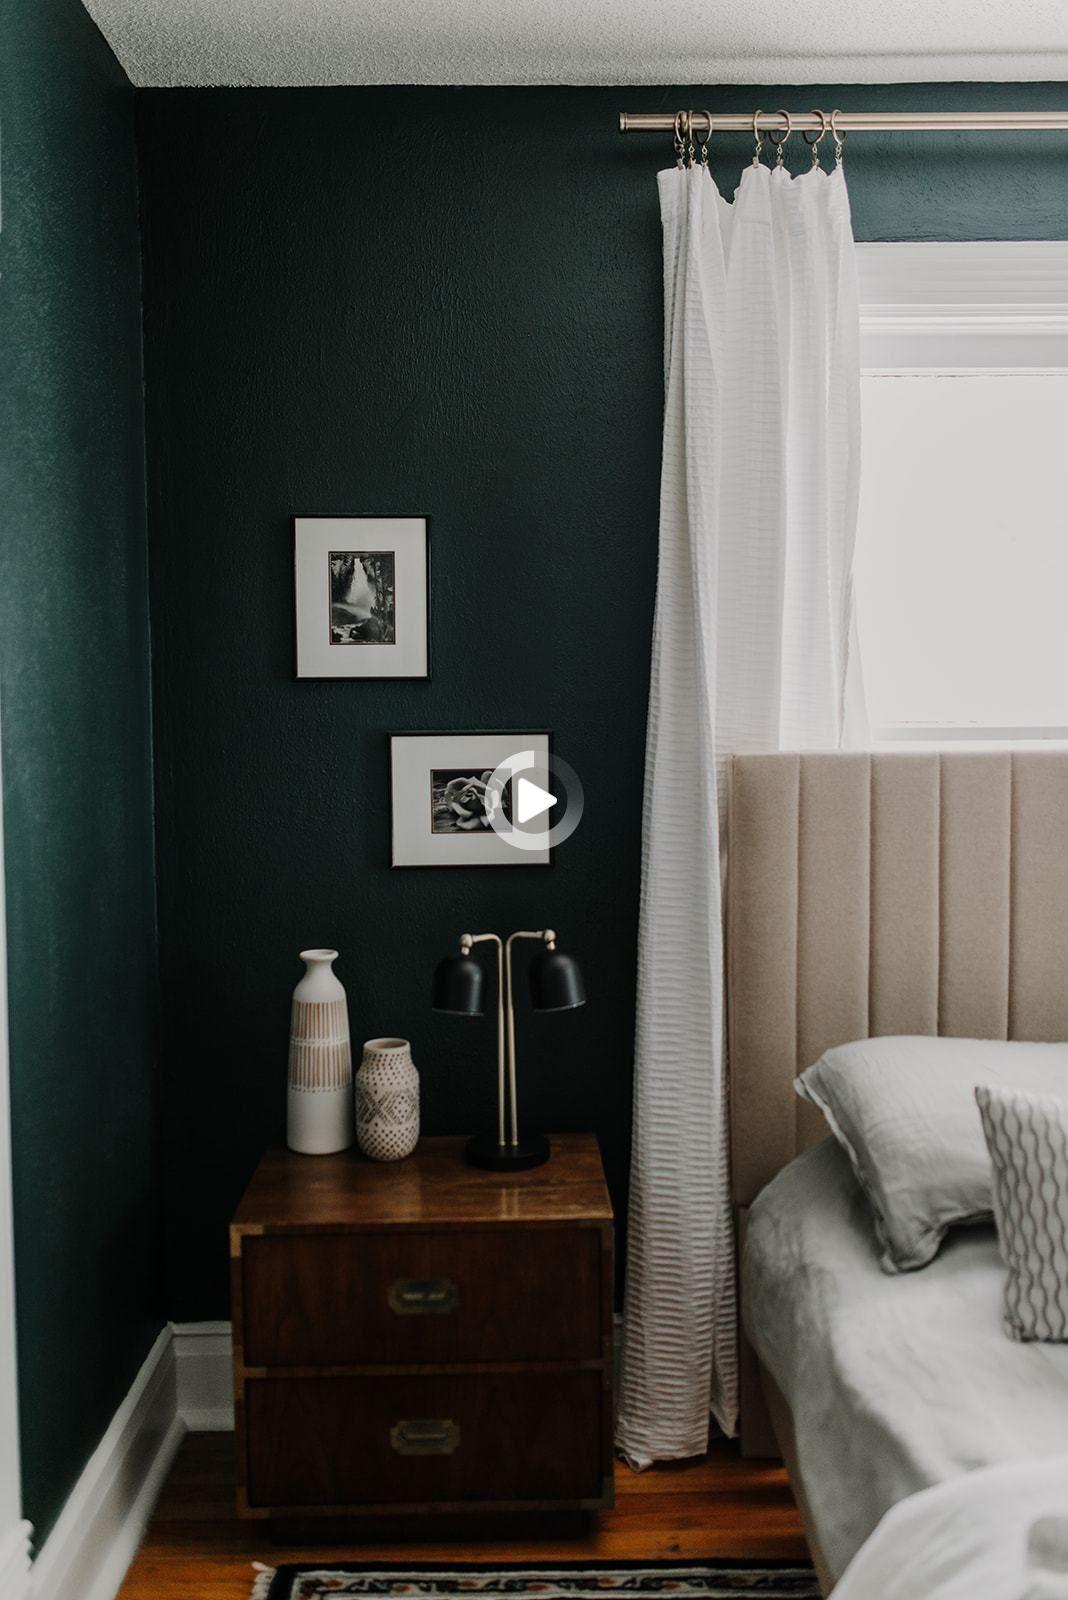 Redirecting In 2021 Green Bedroom Walls Bedroom Interior Spare Bedroom Green spare bedroom ideas